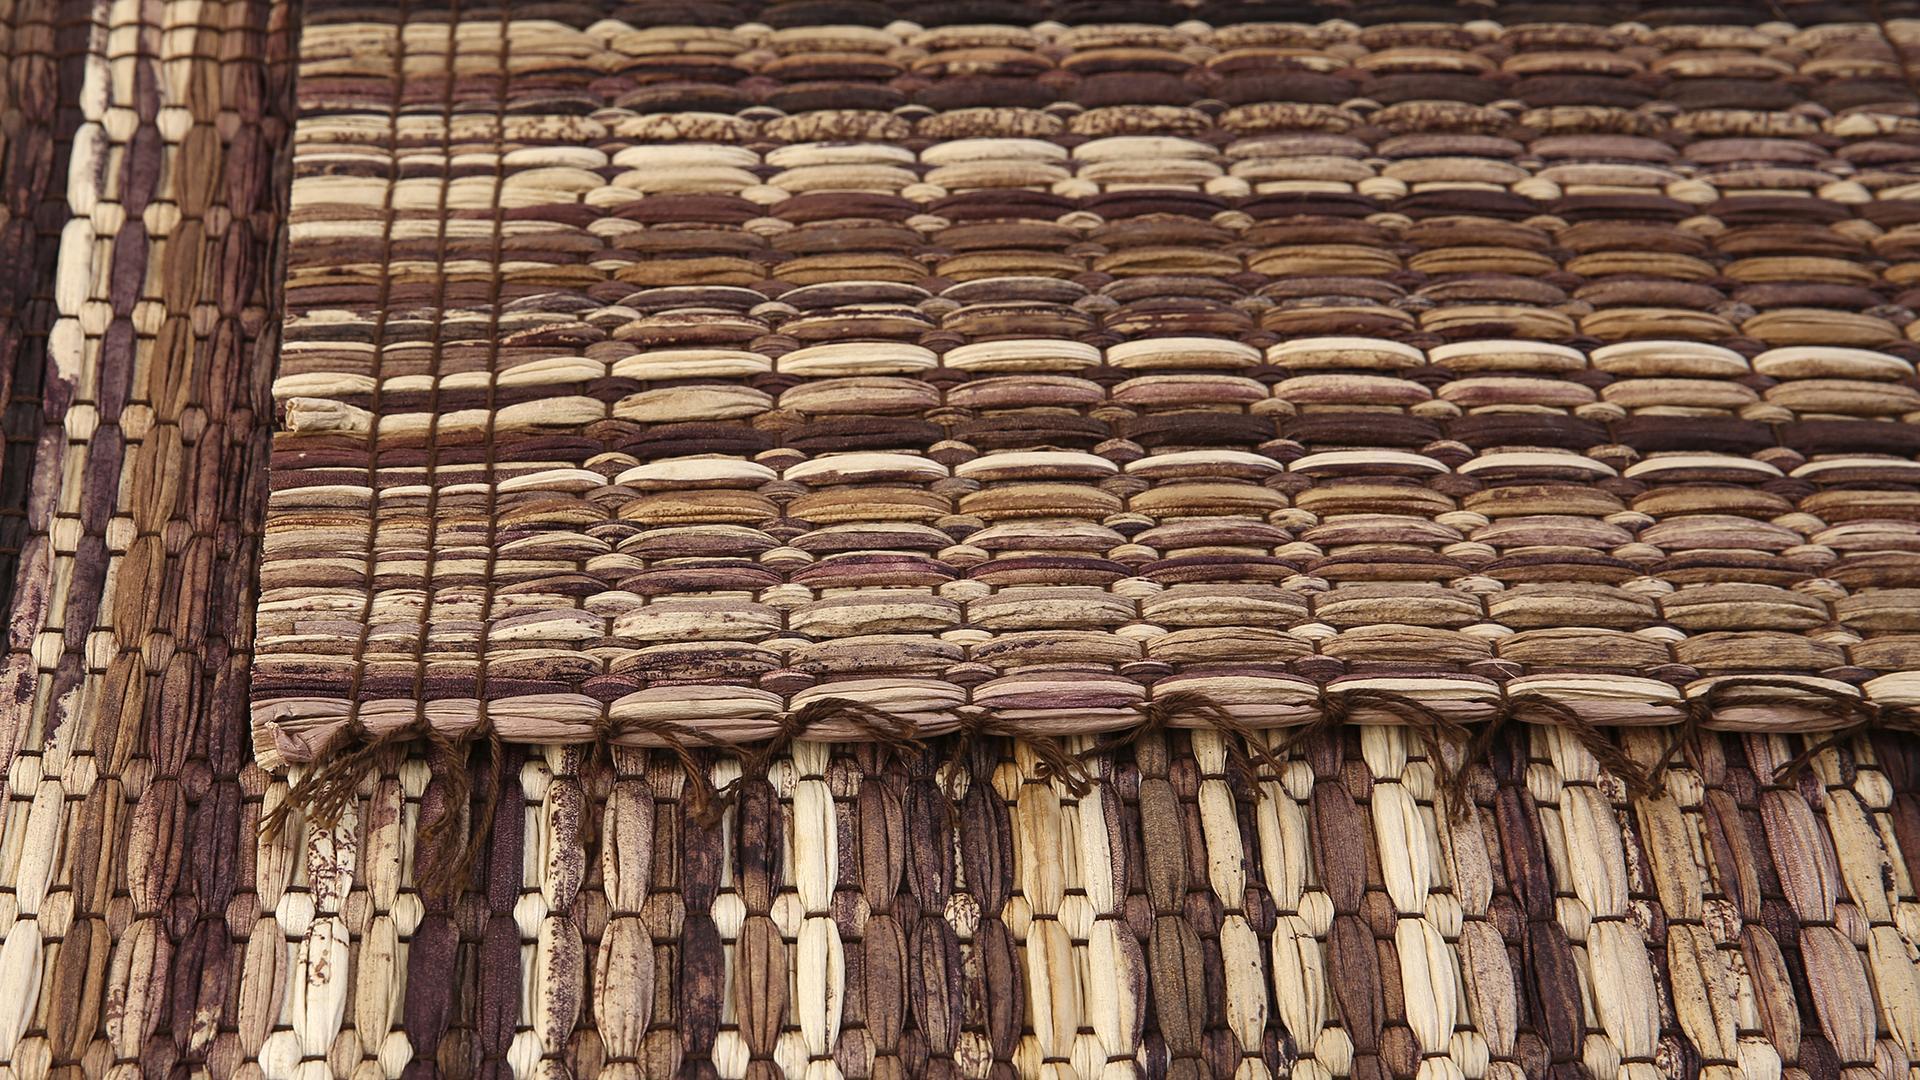 05-Reconceito-casa-jogo-americano-fibra-bananeira-tear-manual-artesanal-banner